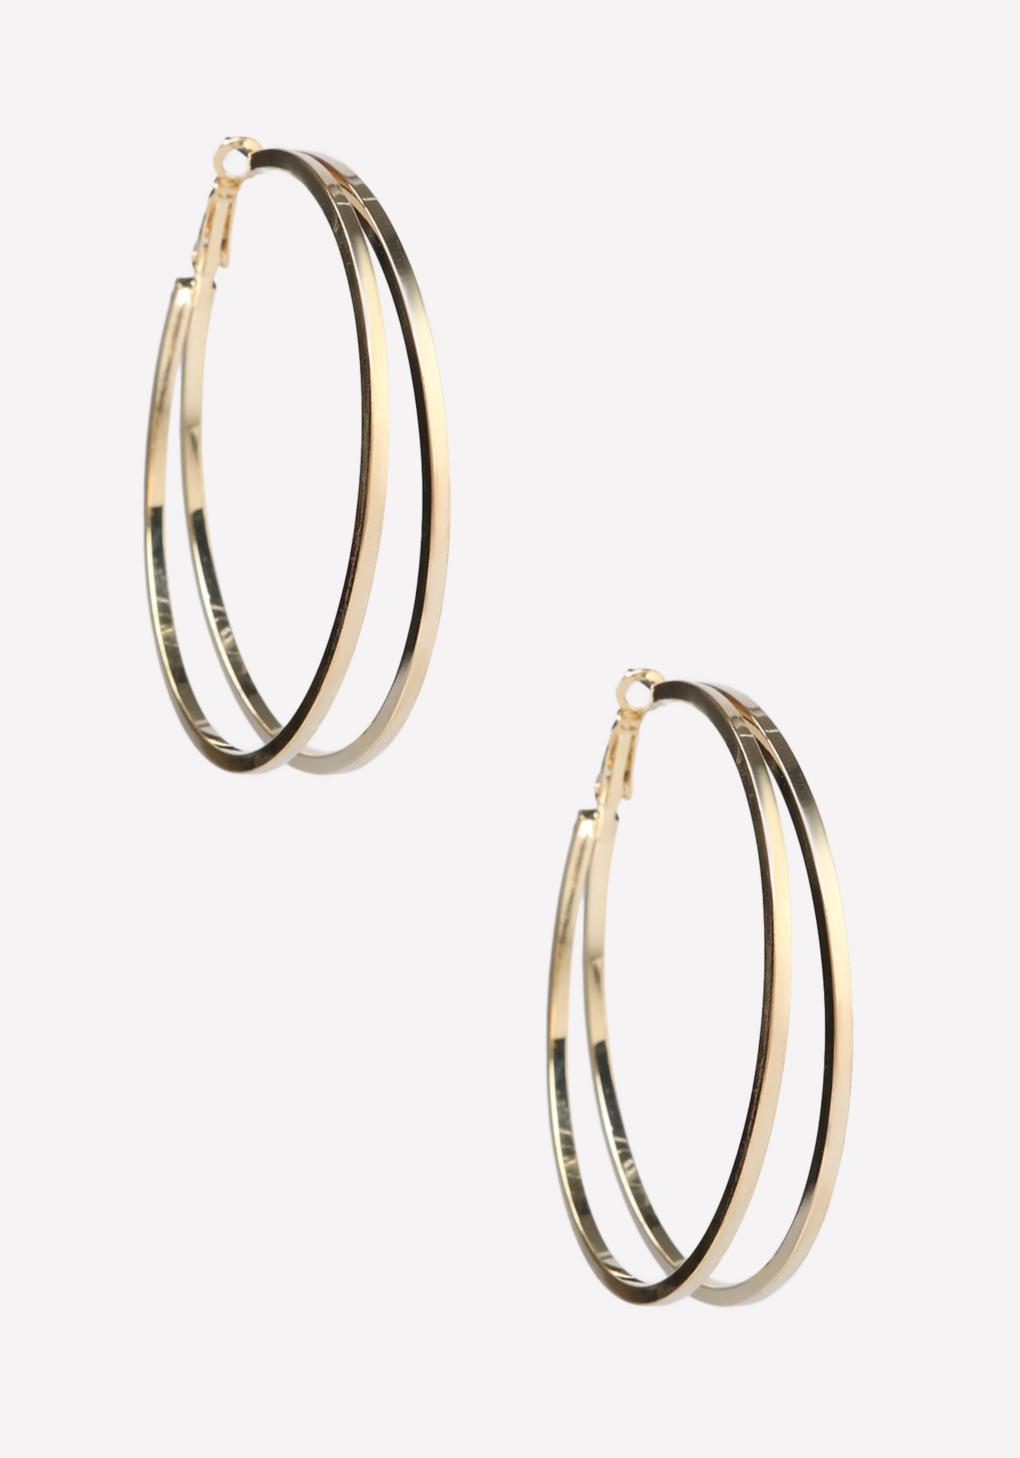 lyst bebe double row hoop earrings in metallic. Black Bedroom Furniture Sets. Home Design Ideas